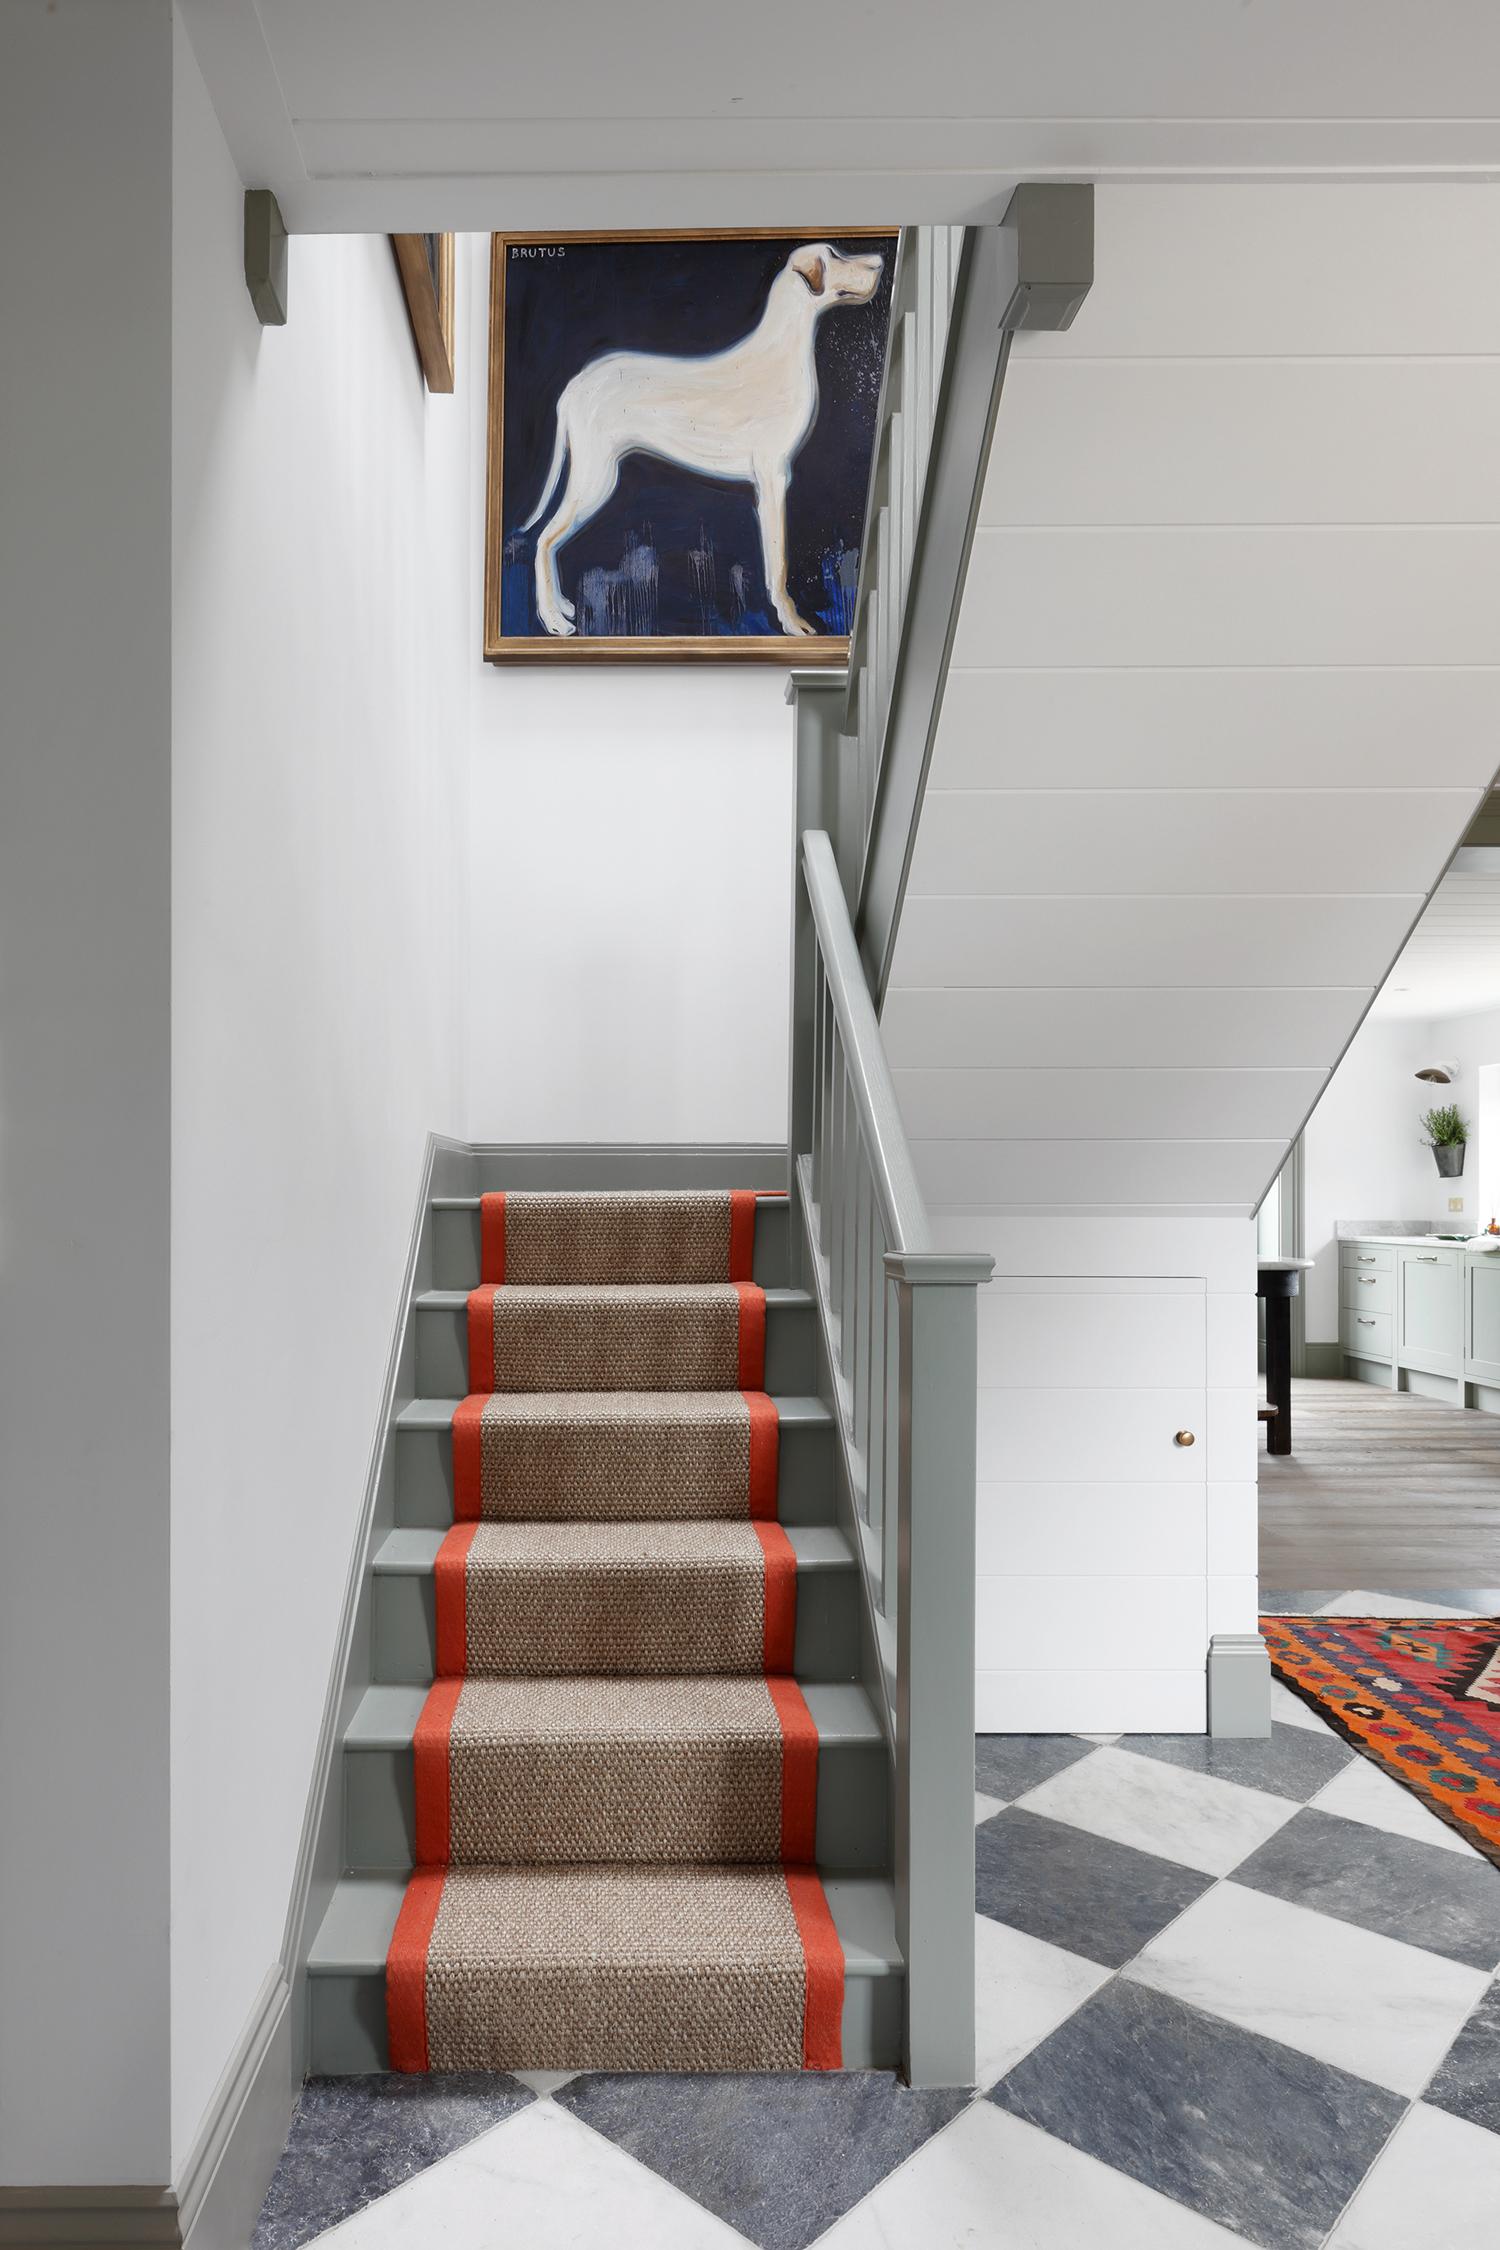 Stair Runner Ideas 25 Gorgeous Stair Runners For Modern Homes Livingetc